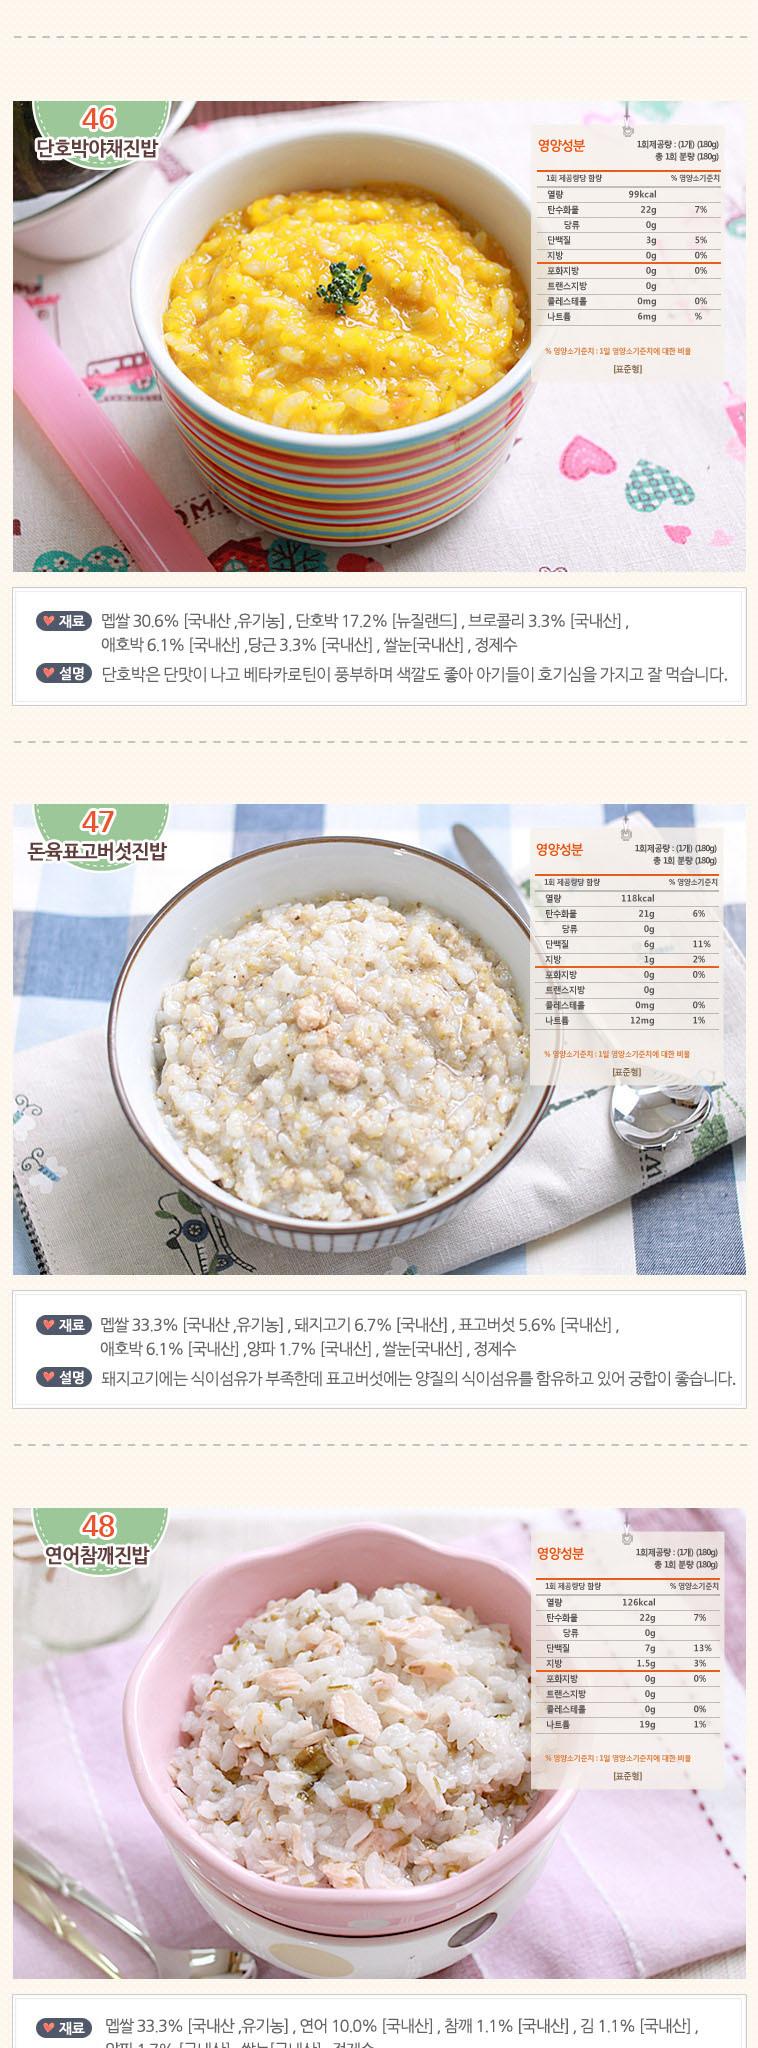 [스타쿠폰] 10+1 오가닉맘 이유식 - 상세정보